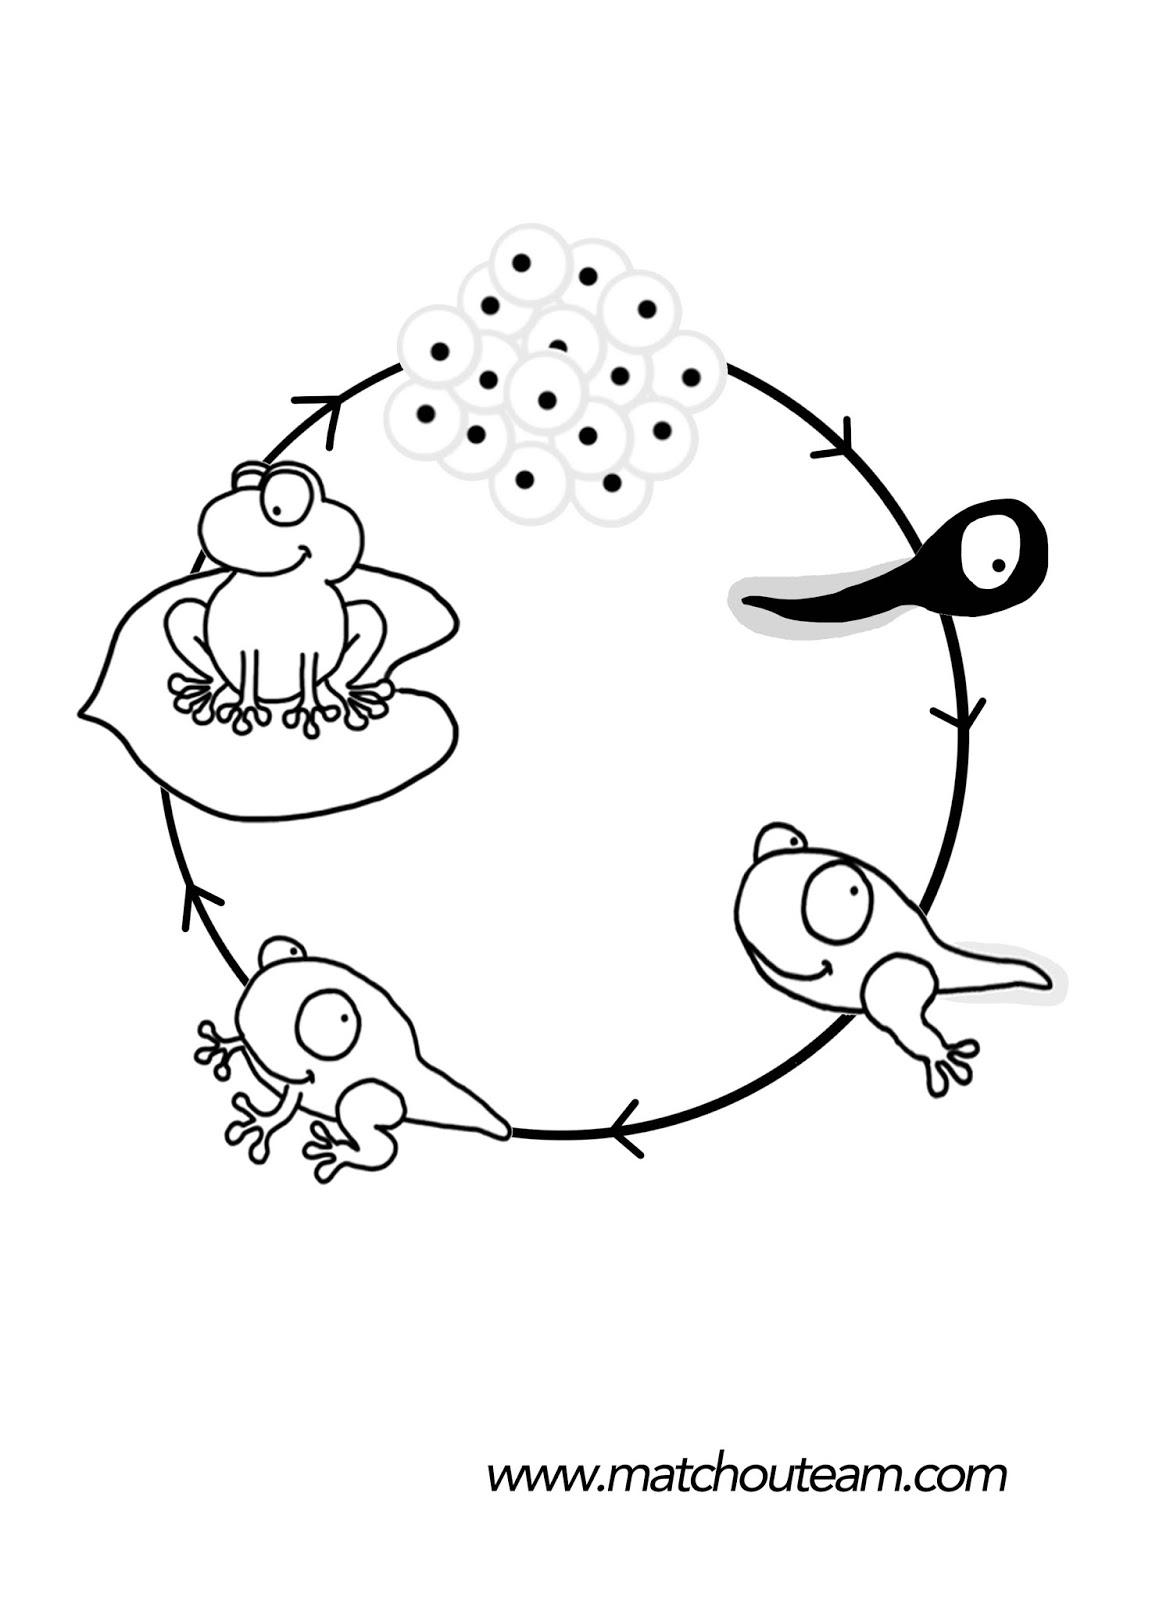 Ma tchou team mini livre sur le cycle de vie de la grenouille - Coloriage de grenouille ...